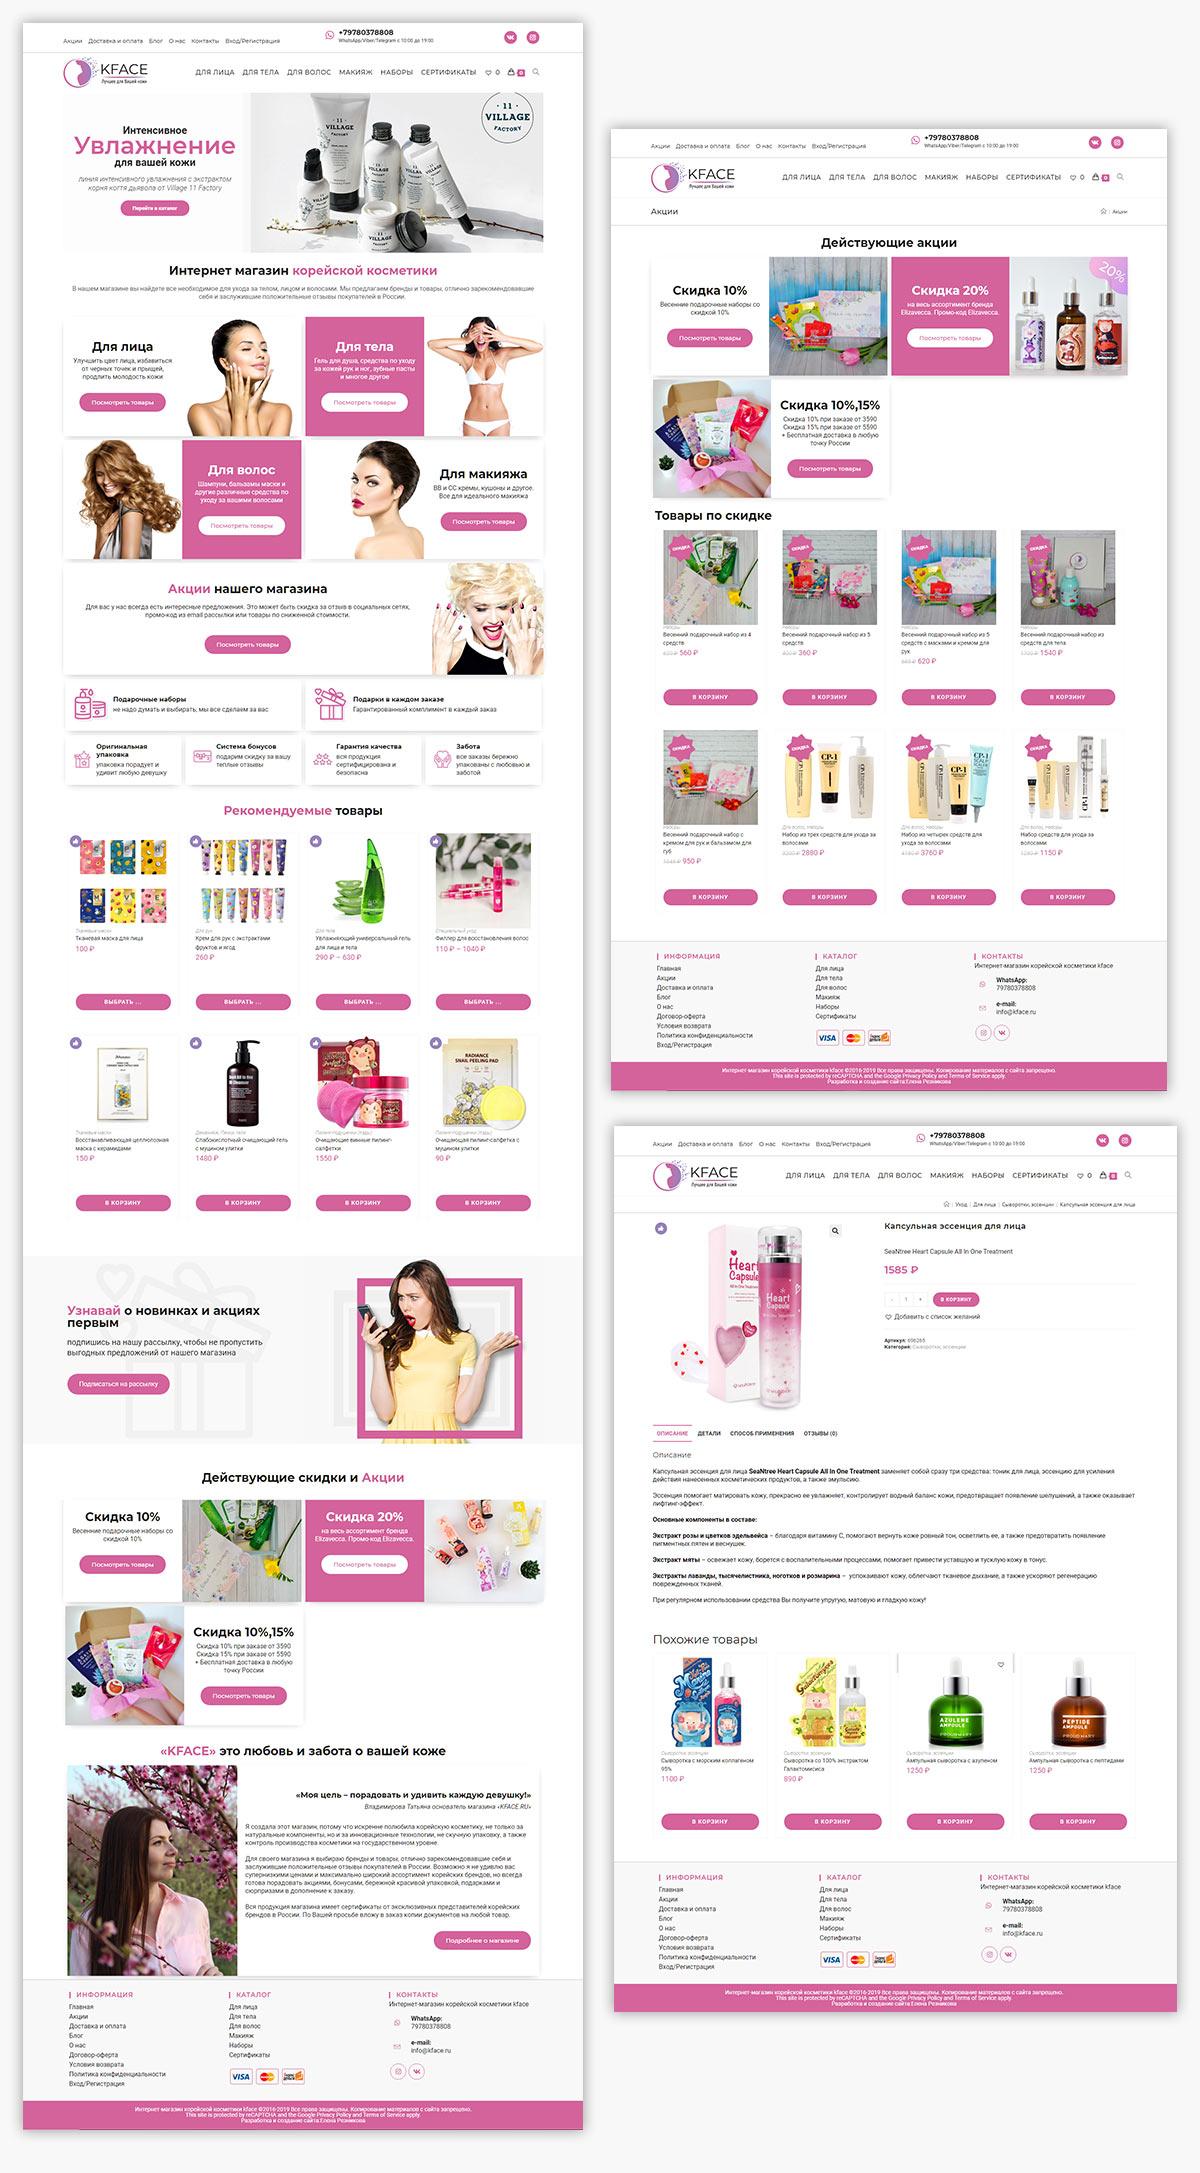 Дизайн интернет-магазина корейской косметики